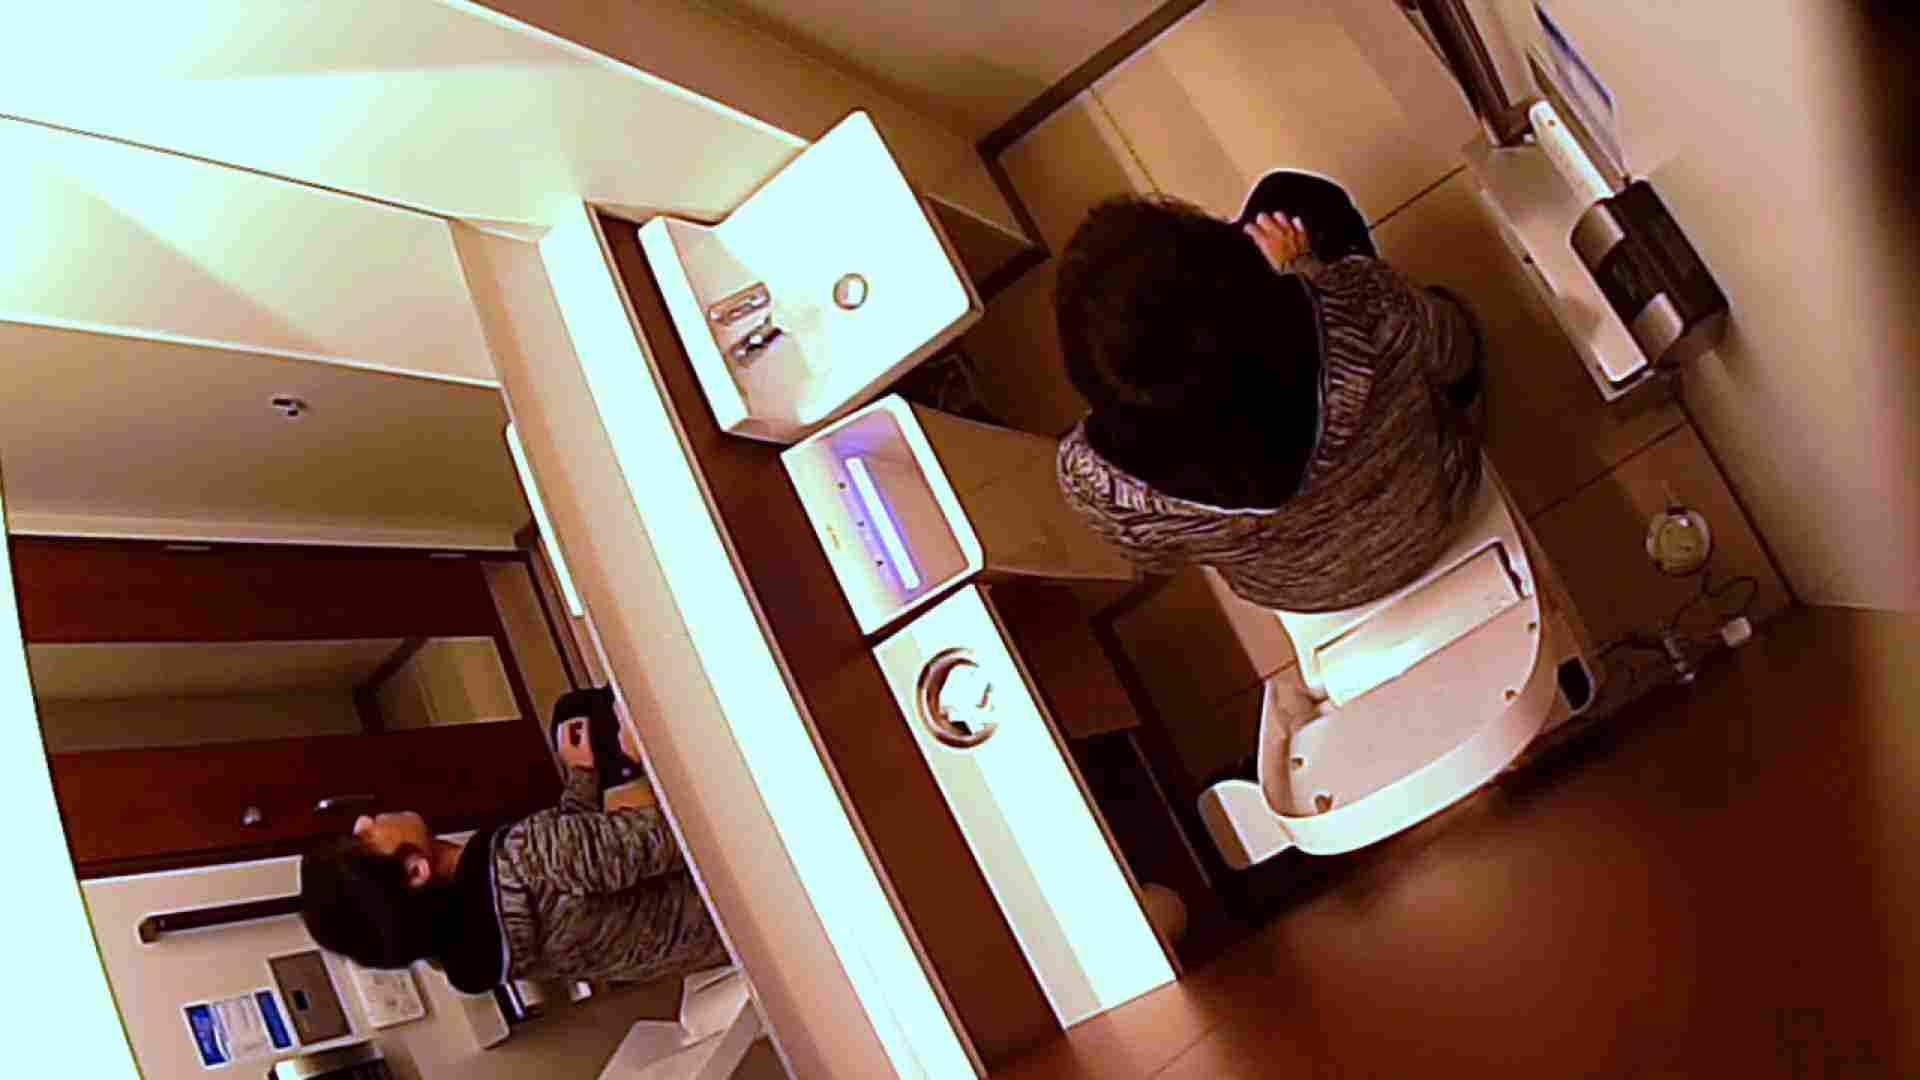 イケメンの素顔in洗面所 Vol.03 丸見え動画 | ボーイズうんこ  107pic 45